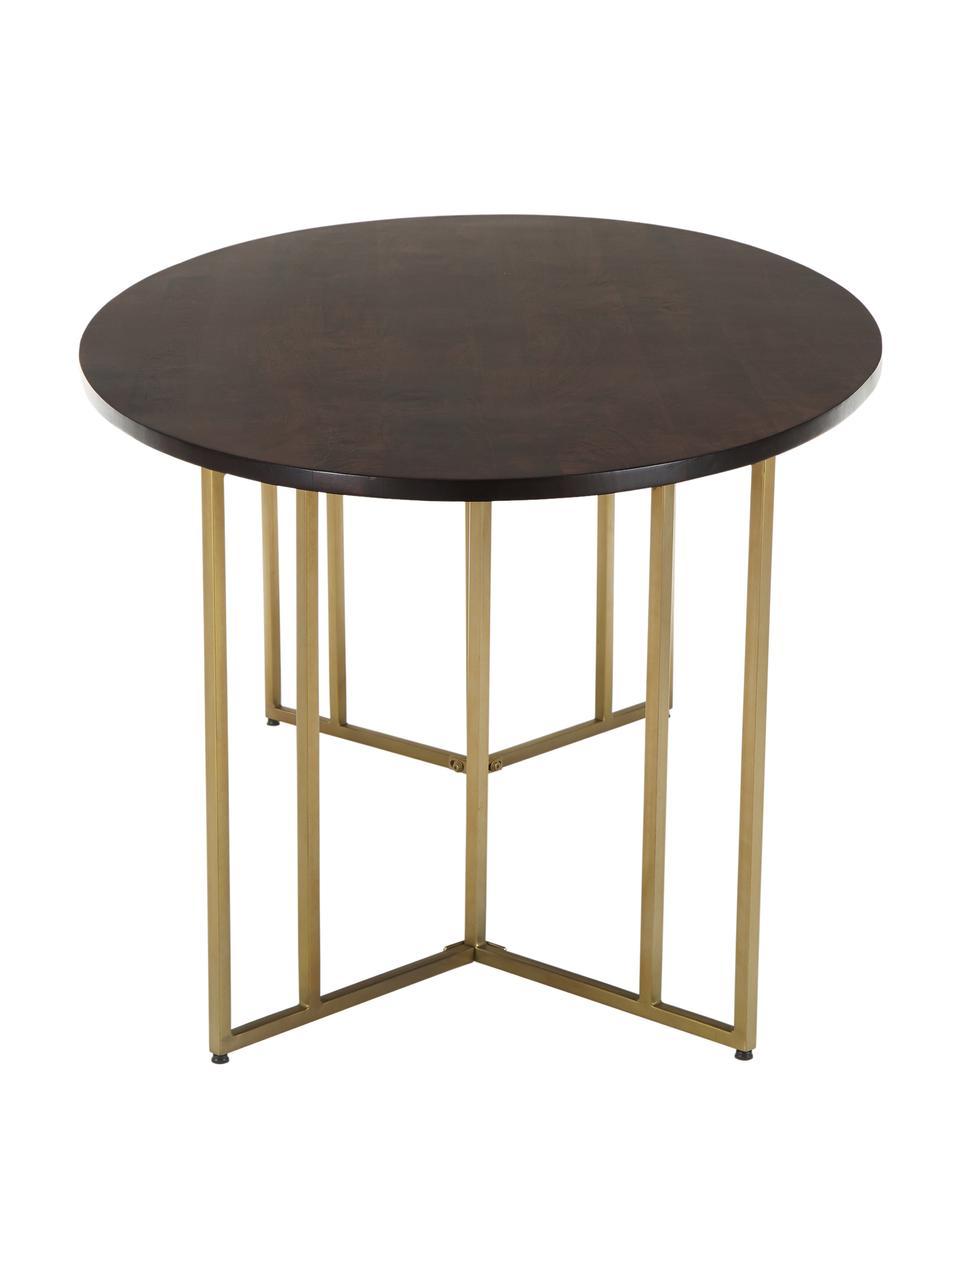 Table ovale bois massif Luca, Plateau: bois de manguier, foncé laqué Structure: couleur dorée